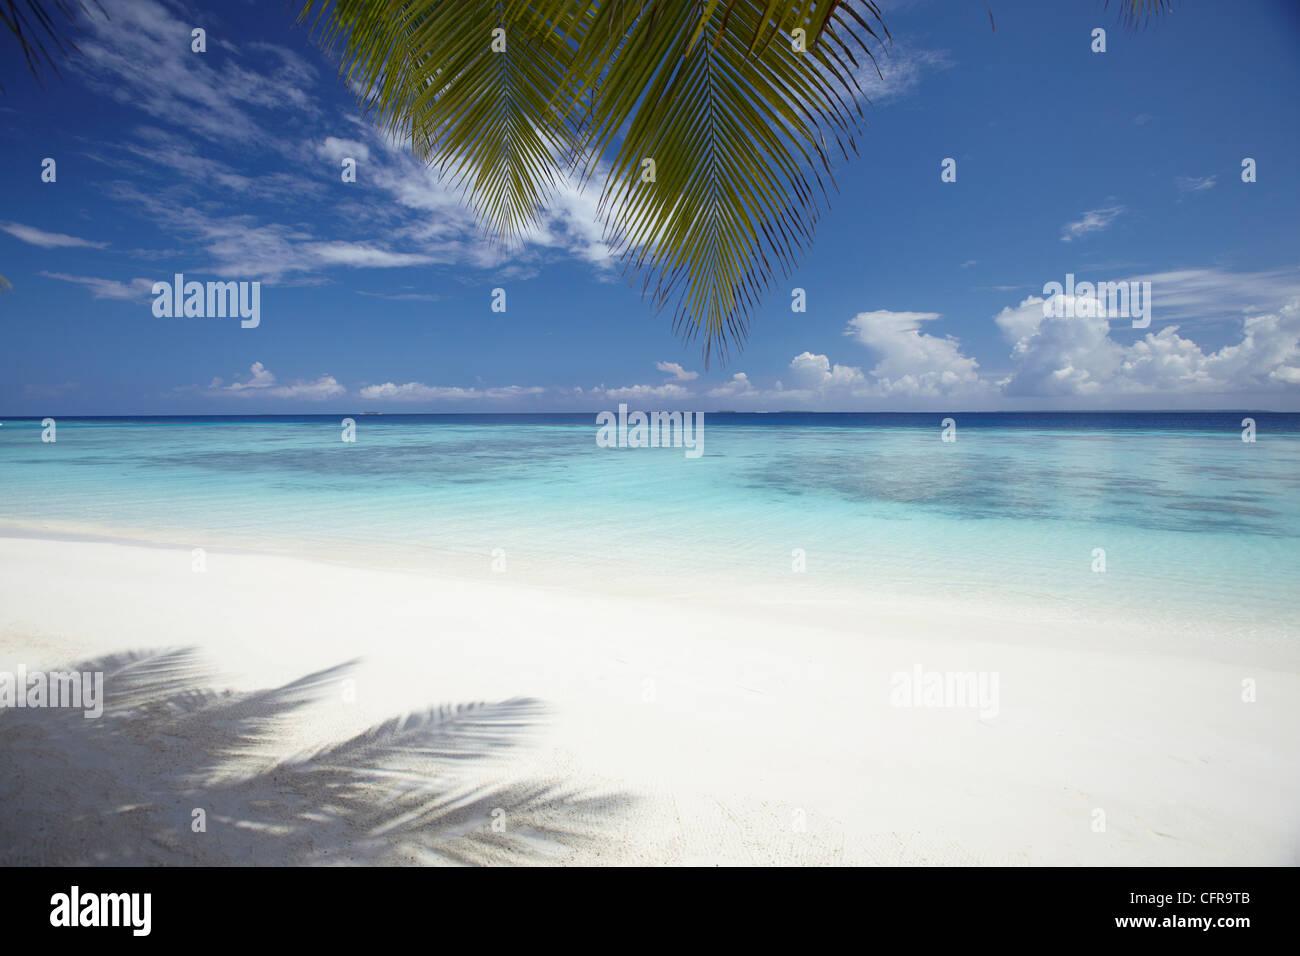 Tropischer Strand Malediven, Malediven, Indischer Ozean, Asien Stockbild